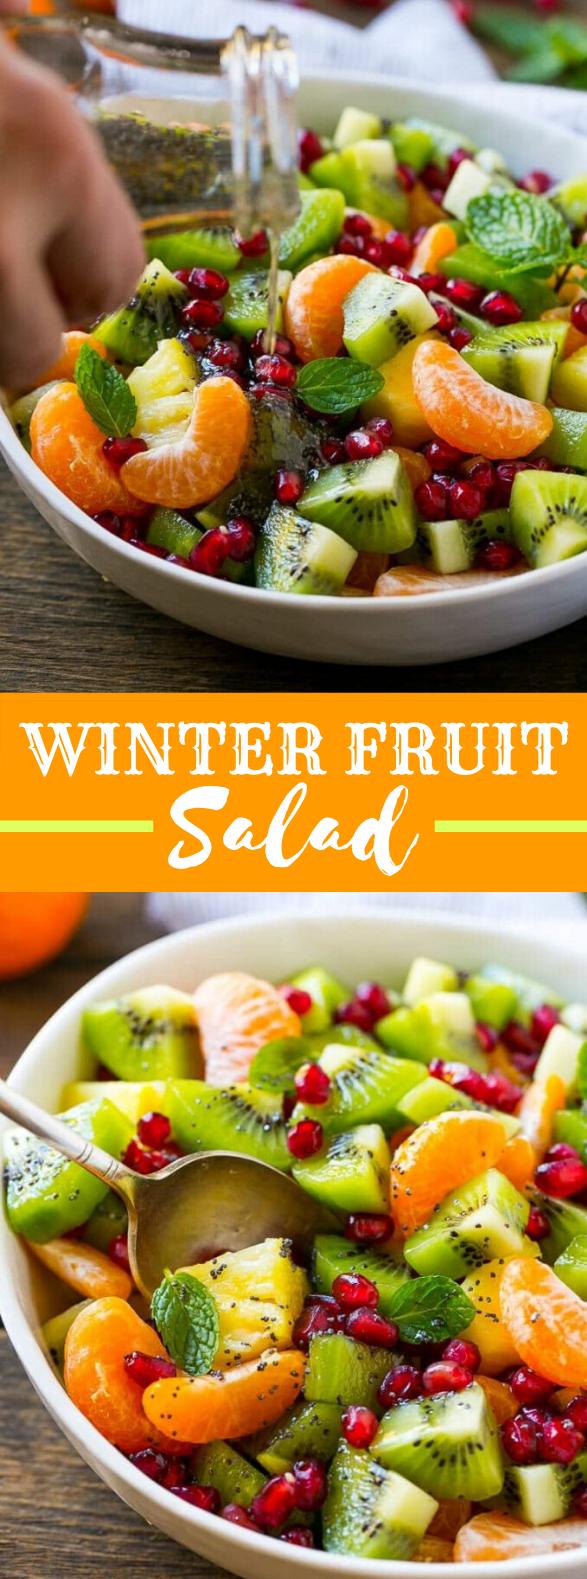 WINTER FRUIT SALAD #vegetarian #holidaymeal